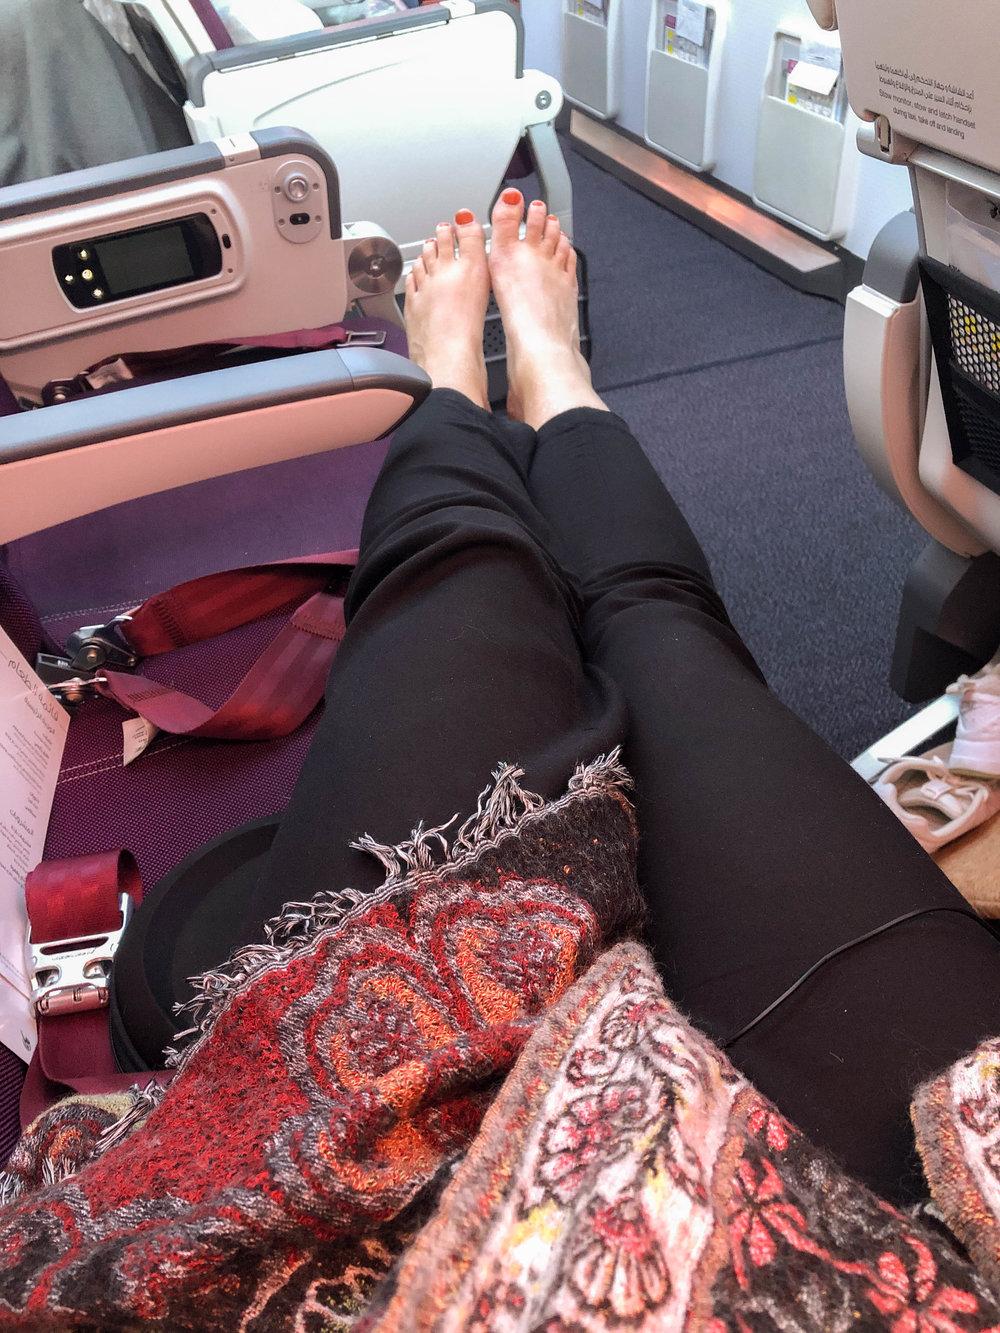 Klädde mig enligt Bali vid fötterna och Sverige runt halsen. Höll på att förfrysa när vi landade.